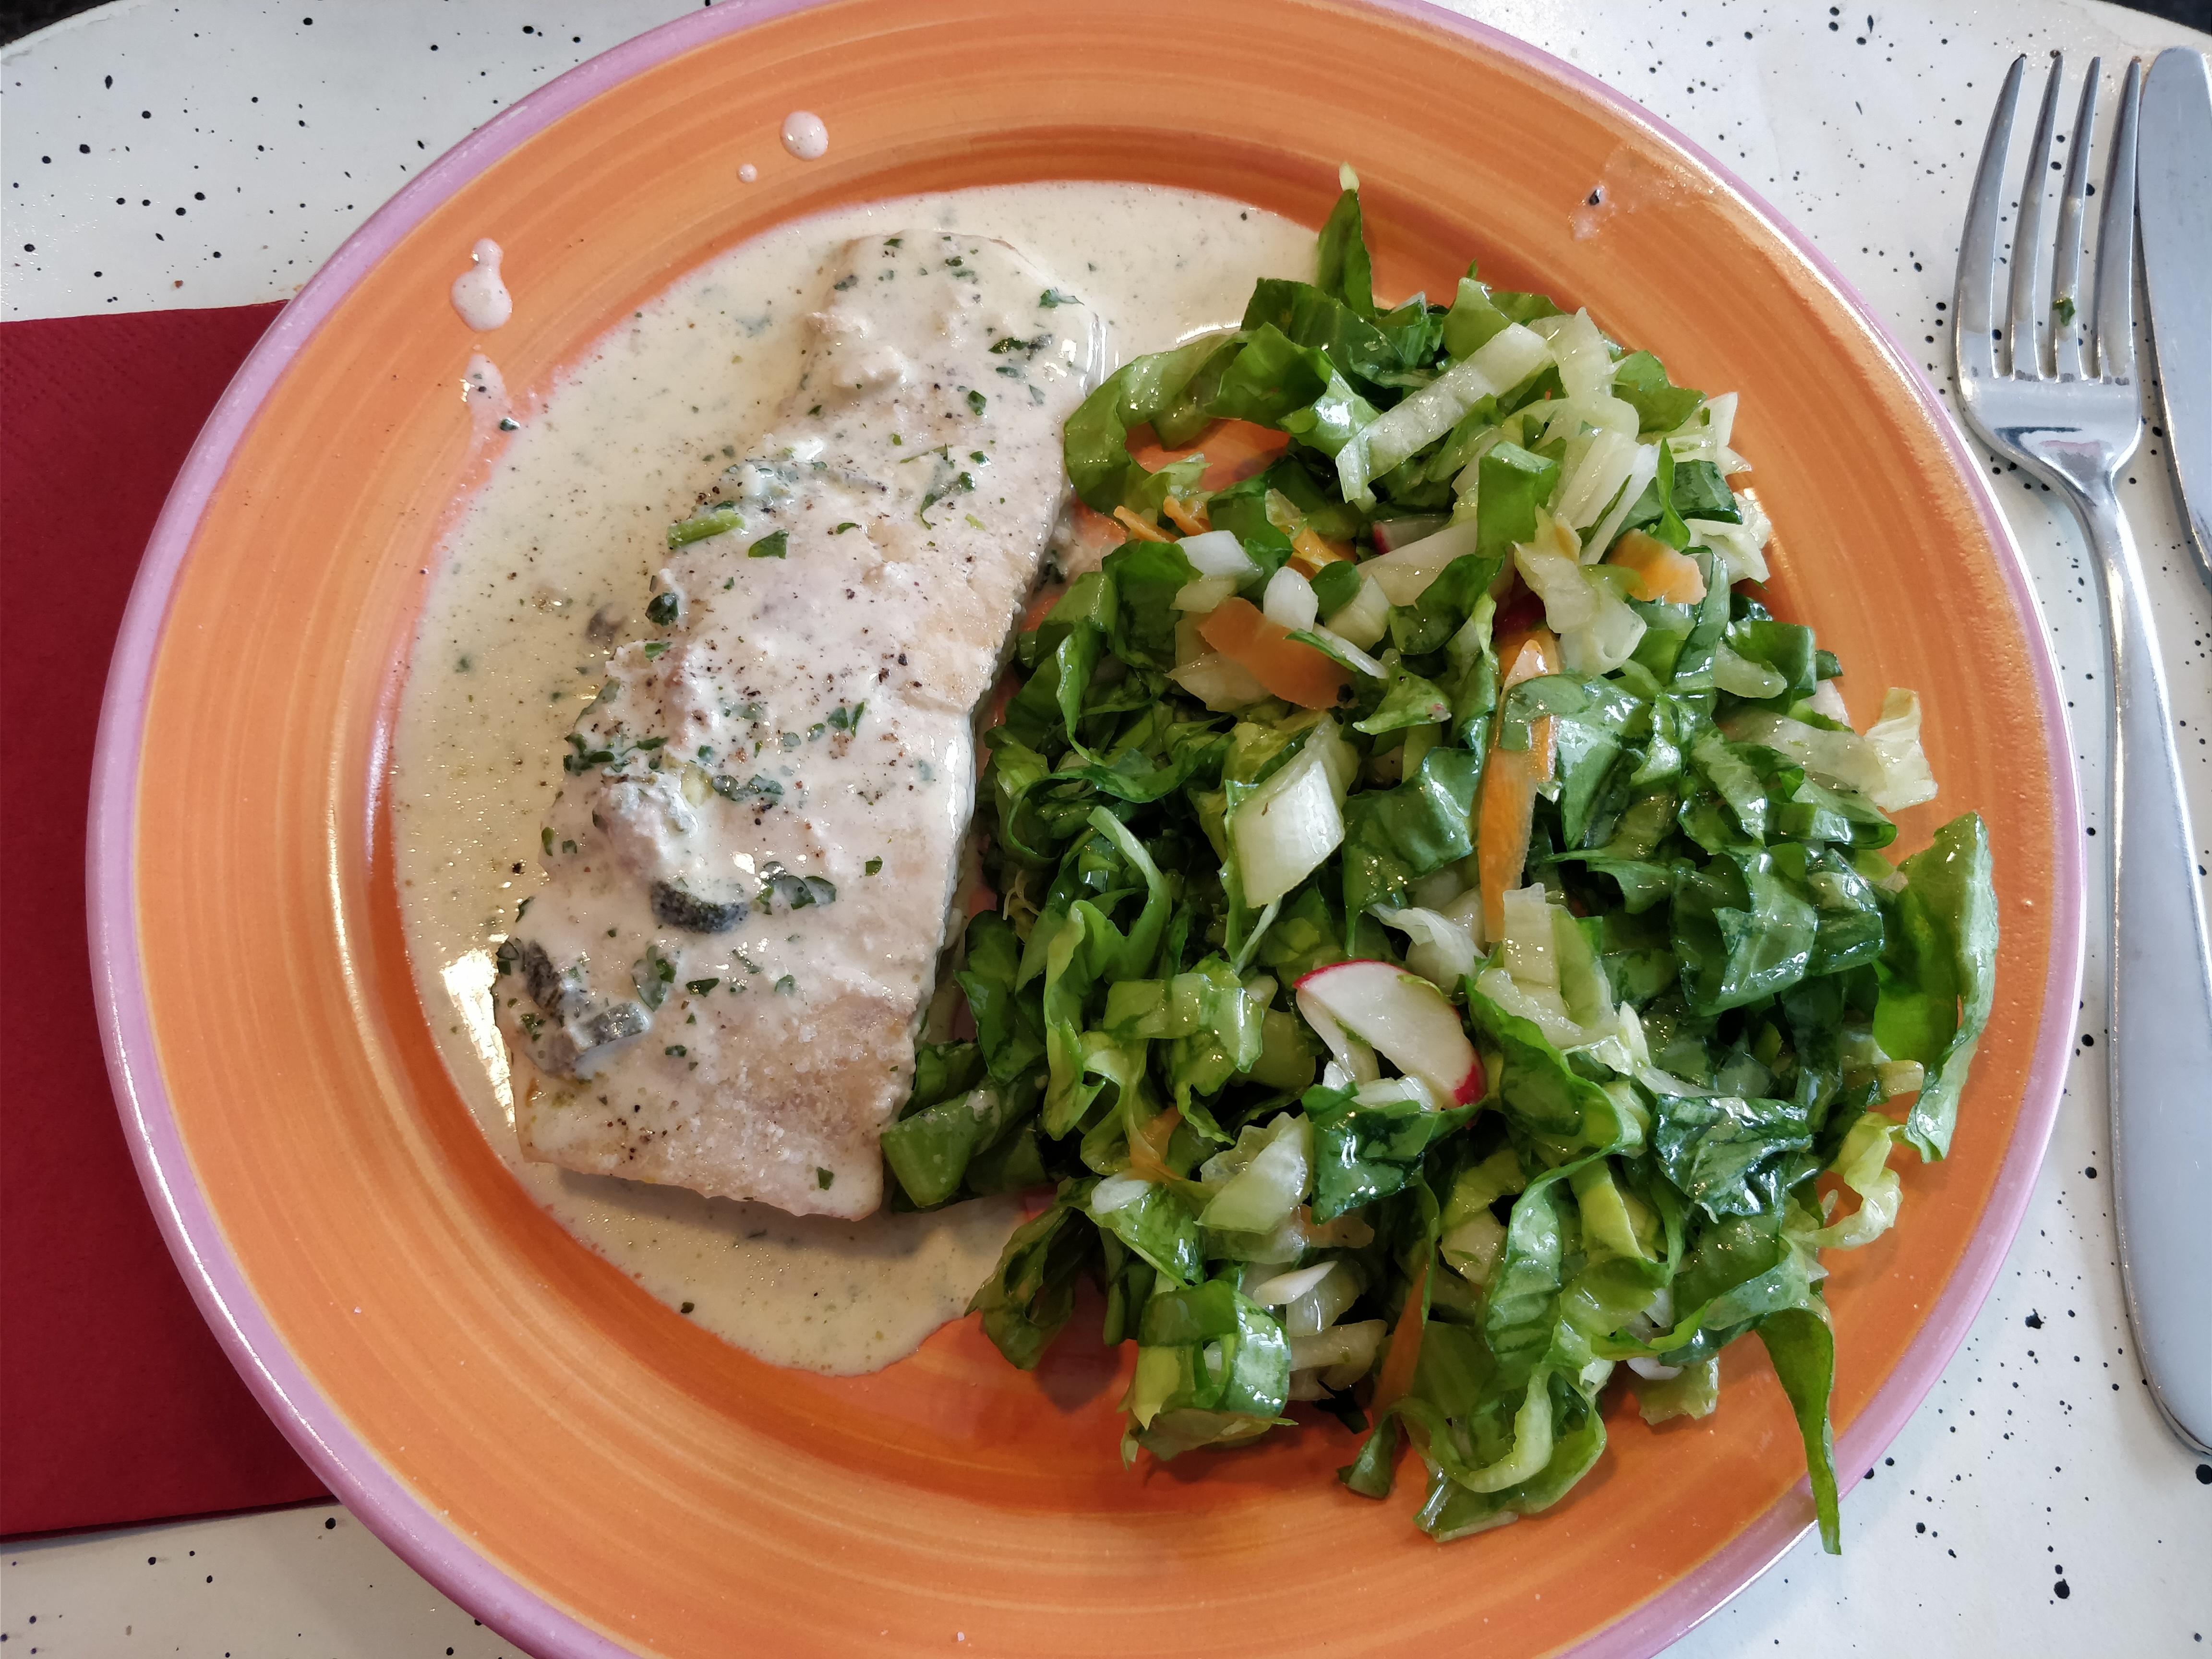 http://foodloader.net/nico_2017-10-08_lachs-und-salat.jpg